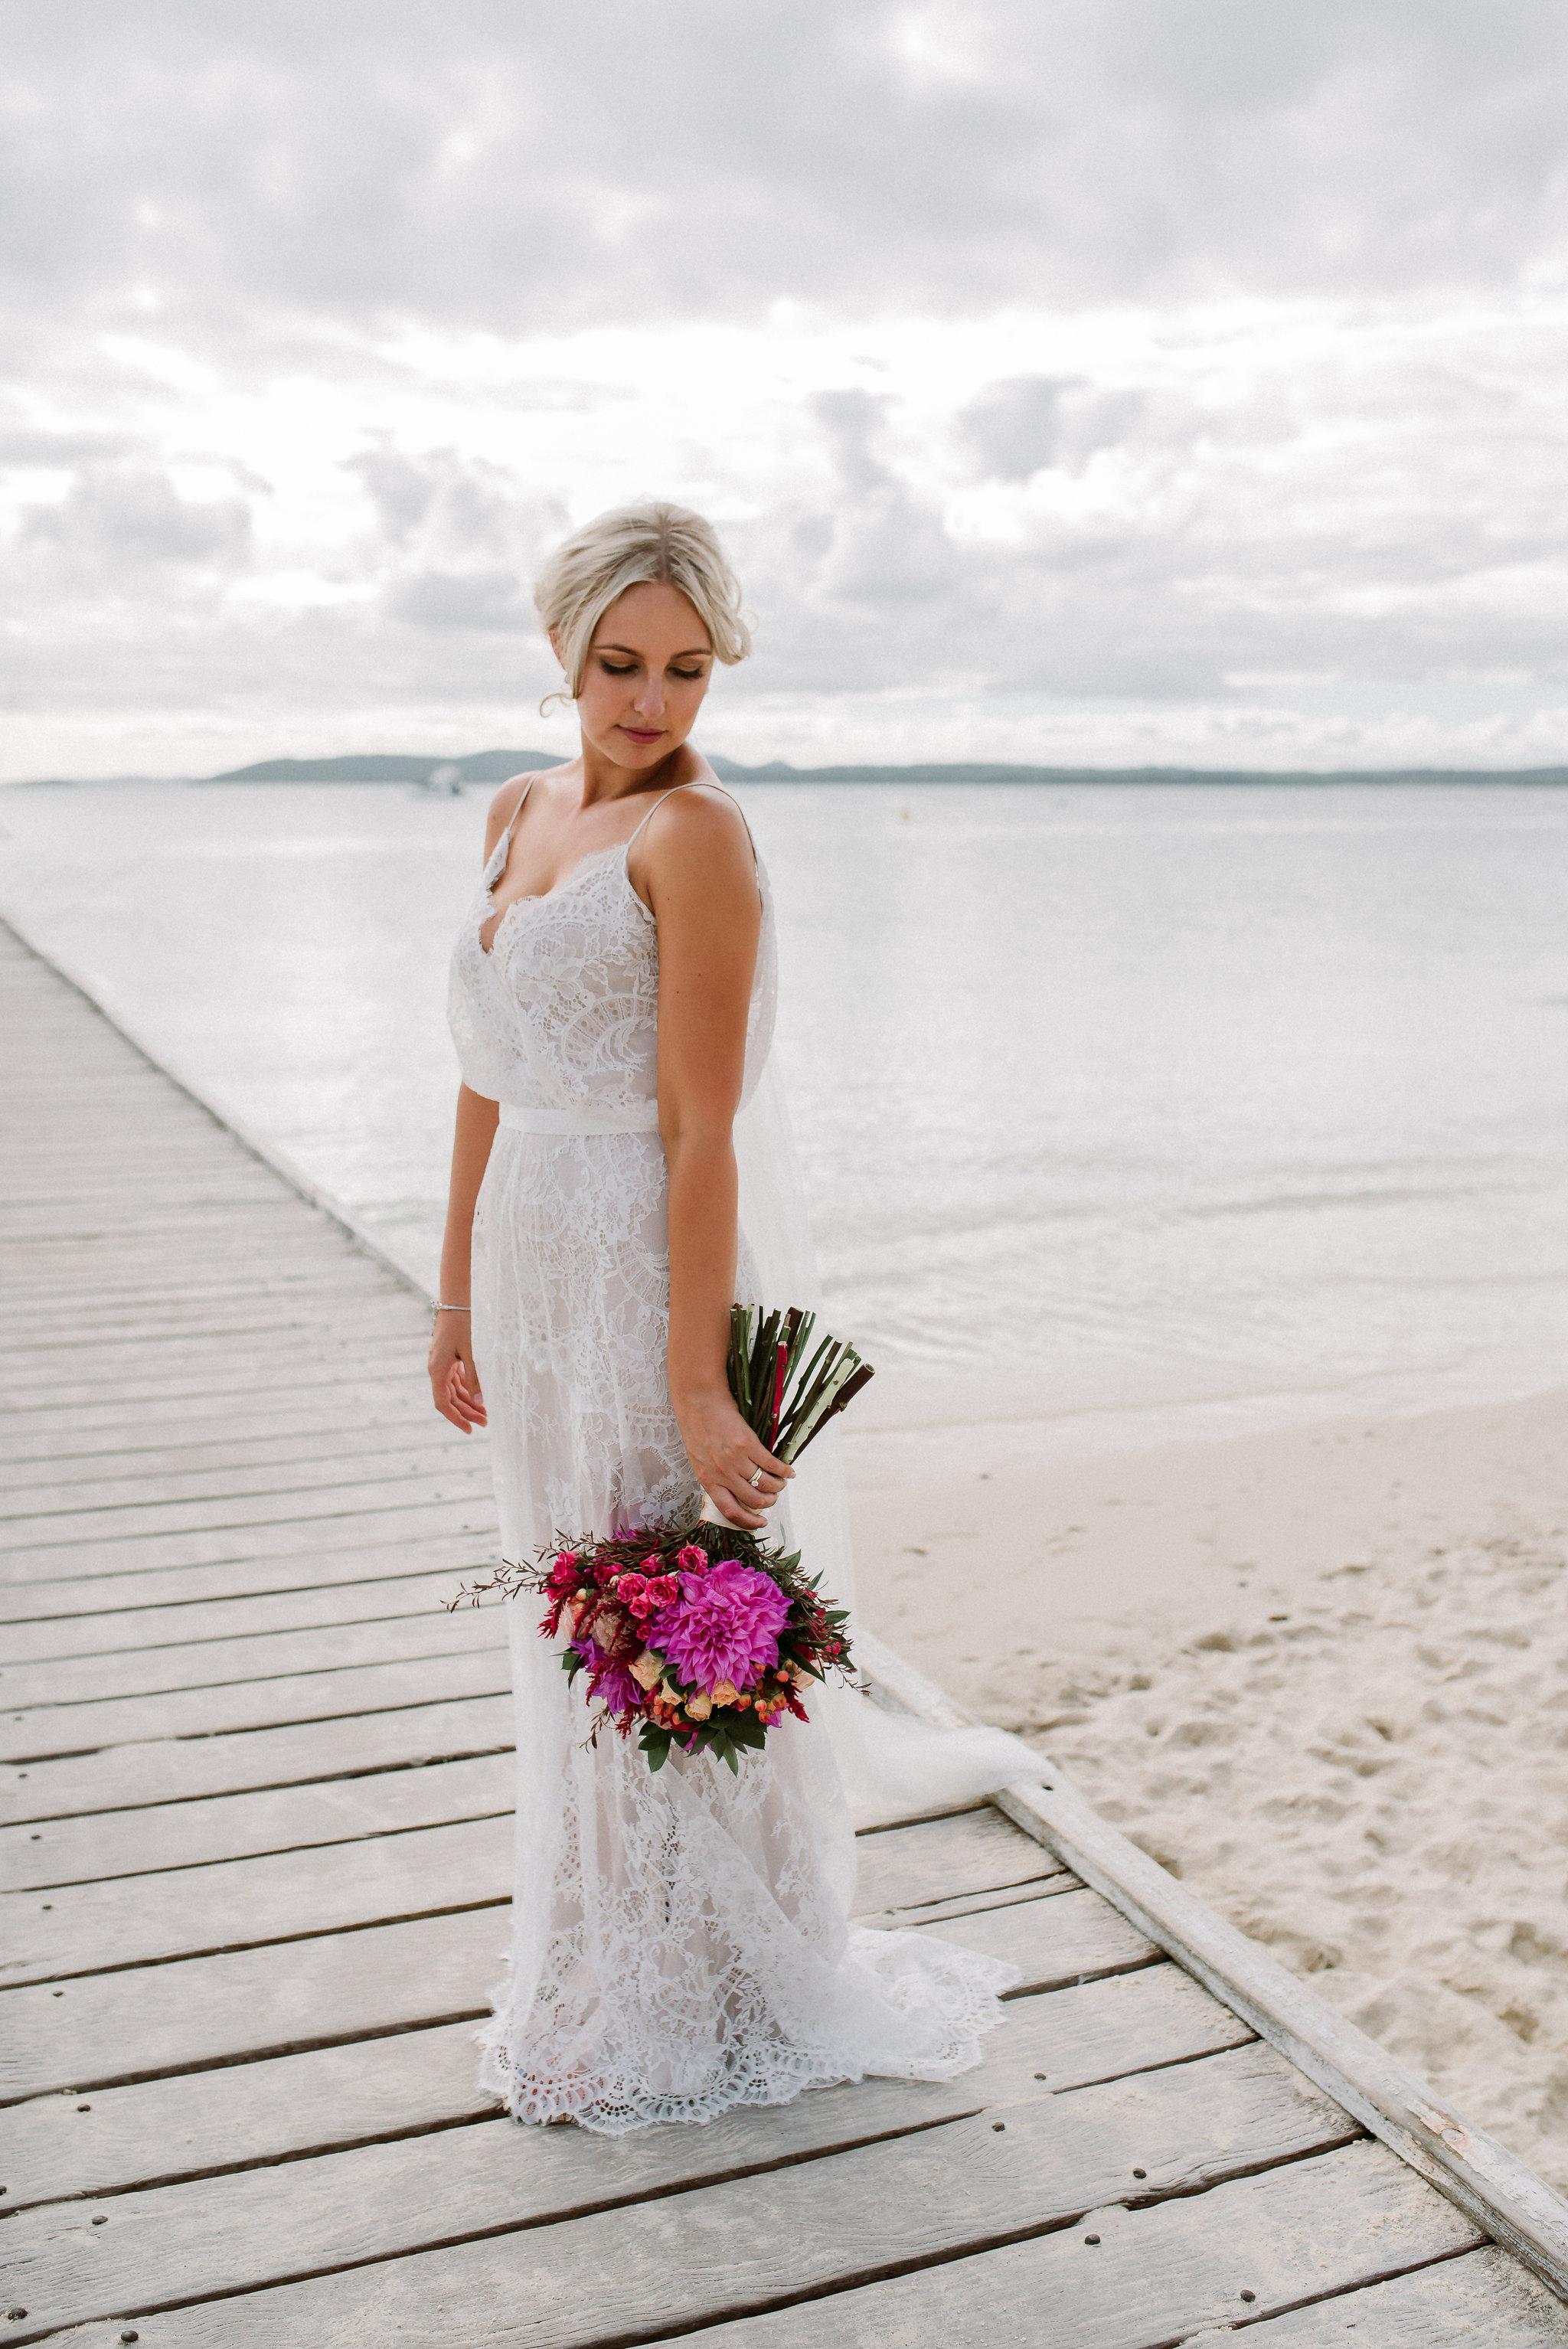 LITTLE-BEACH-WEDDING-MARCHANT-994.jpg